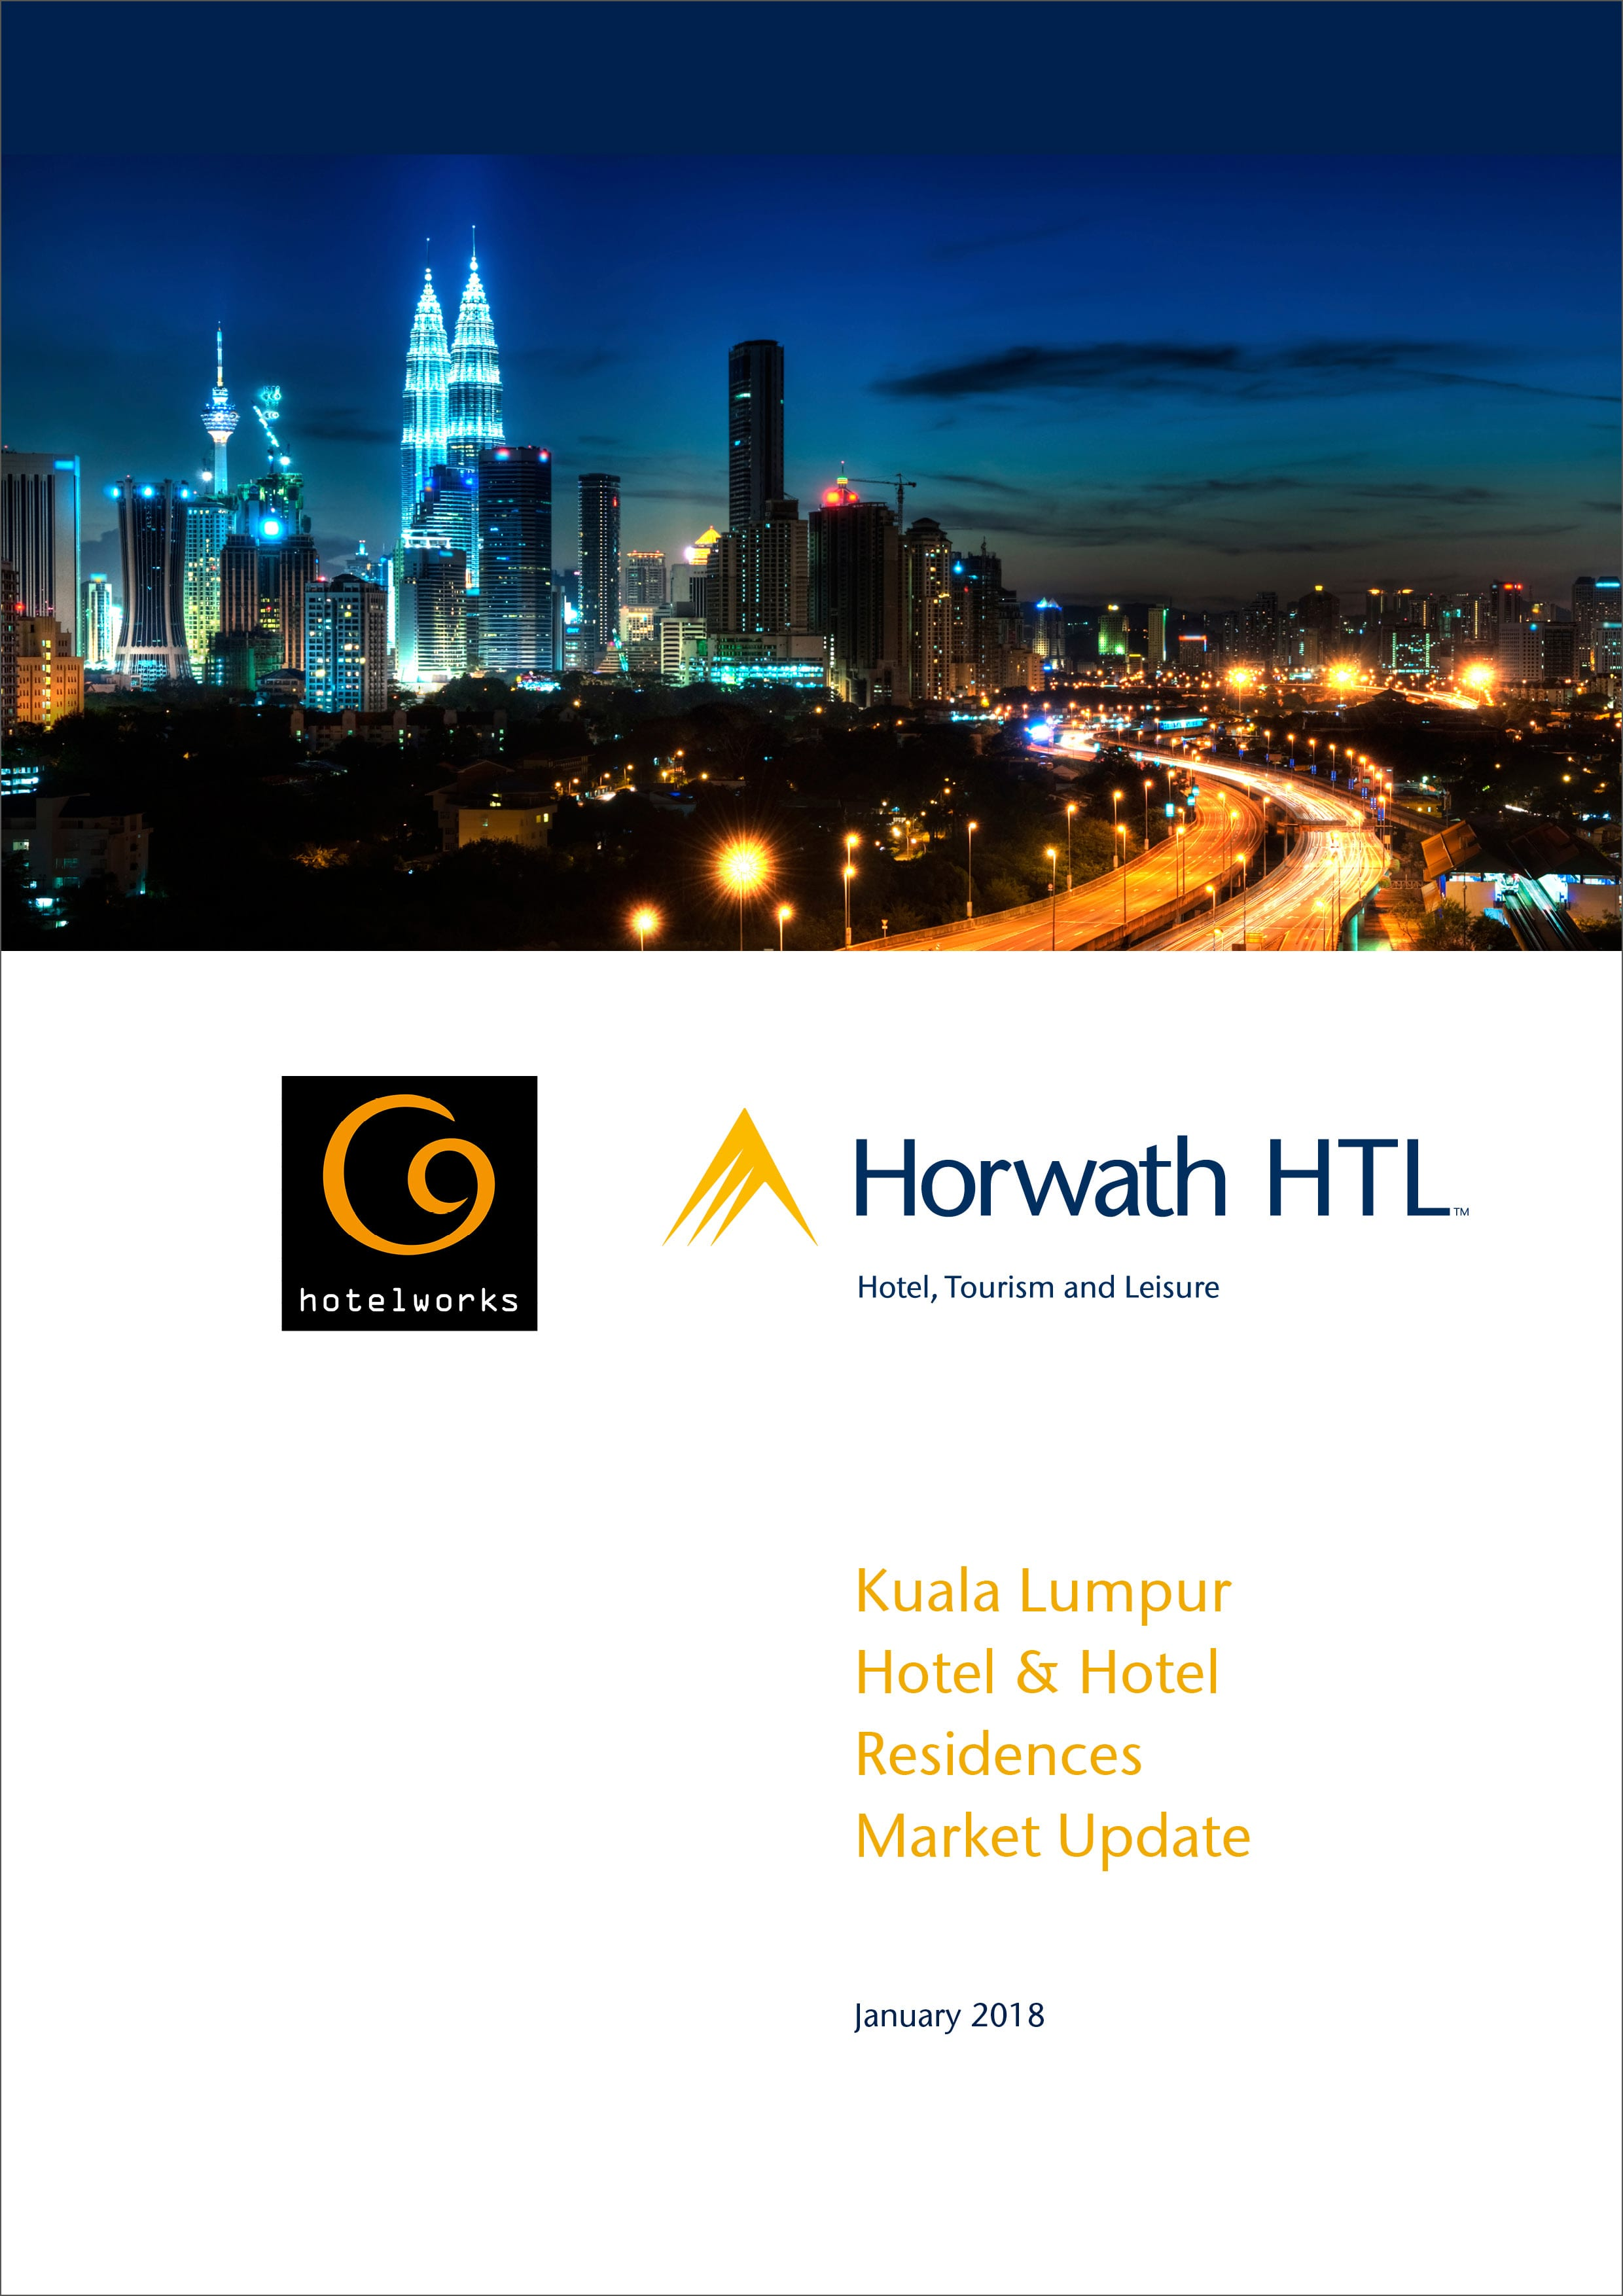 KL Hotel Hotel Residence Market Update 2018